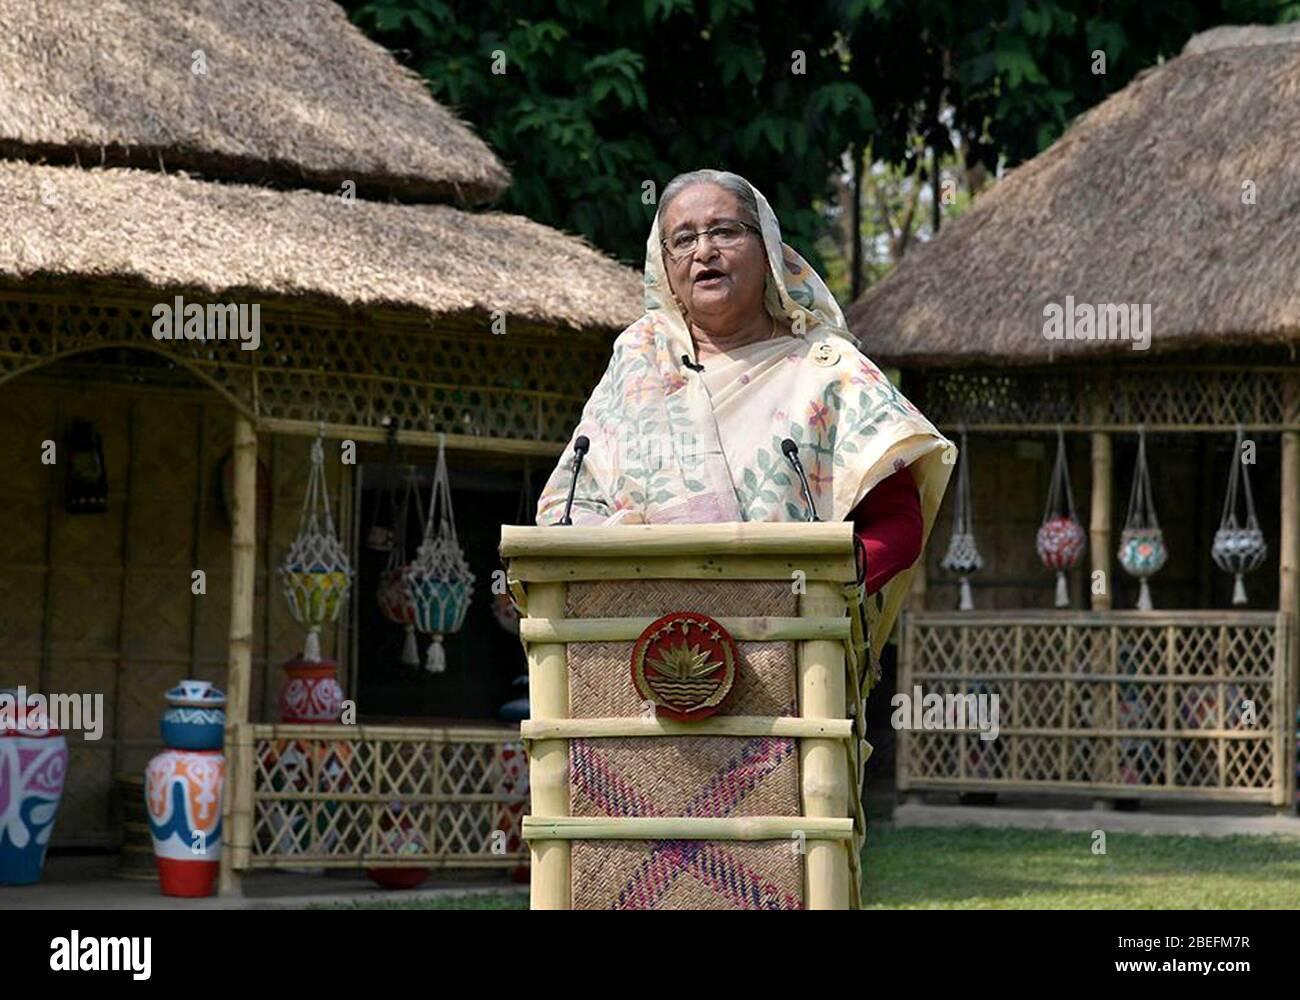 Dhaka, Bangladesh. 14 de abril de 2020. El primer Ministro de Bangladesh, Sheikh Hasina, habla en un discurso televisado a la nación en Dhaka, Bangladesh, el 13 de abril de 2020. El gobierno de Bangladesh ha revelado un plan de seguro especial y un subsidio para profesionales de la salud y otros combatientes de primera línea del COVID-19, incluidos funcionarios encargados de hacer cumplir la ley. (PID/Folleto via Xinhua) crédito: Xinhua/Alamy Live News Foto de stock